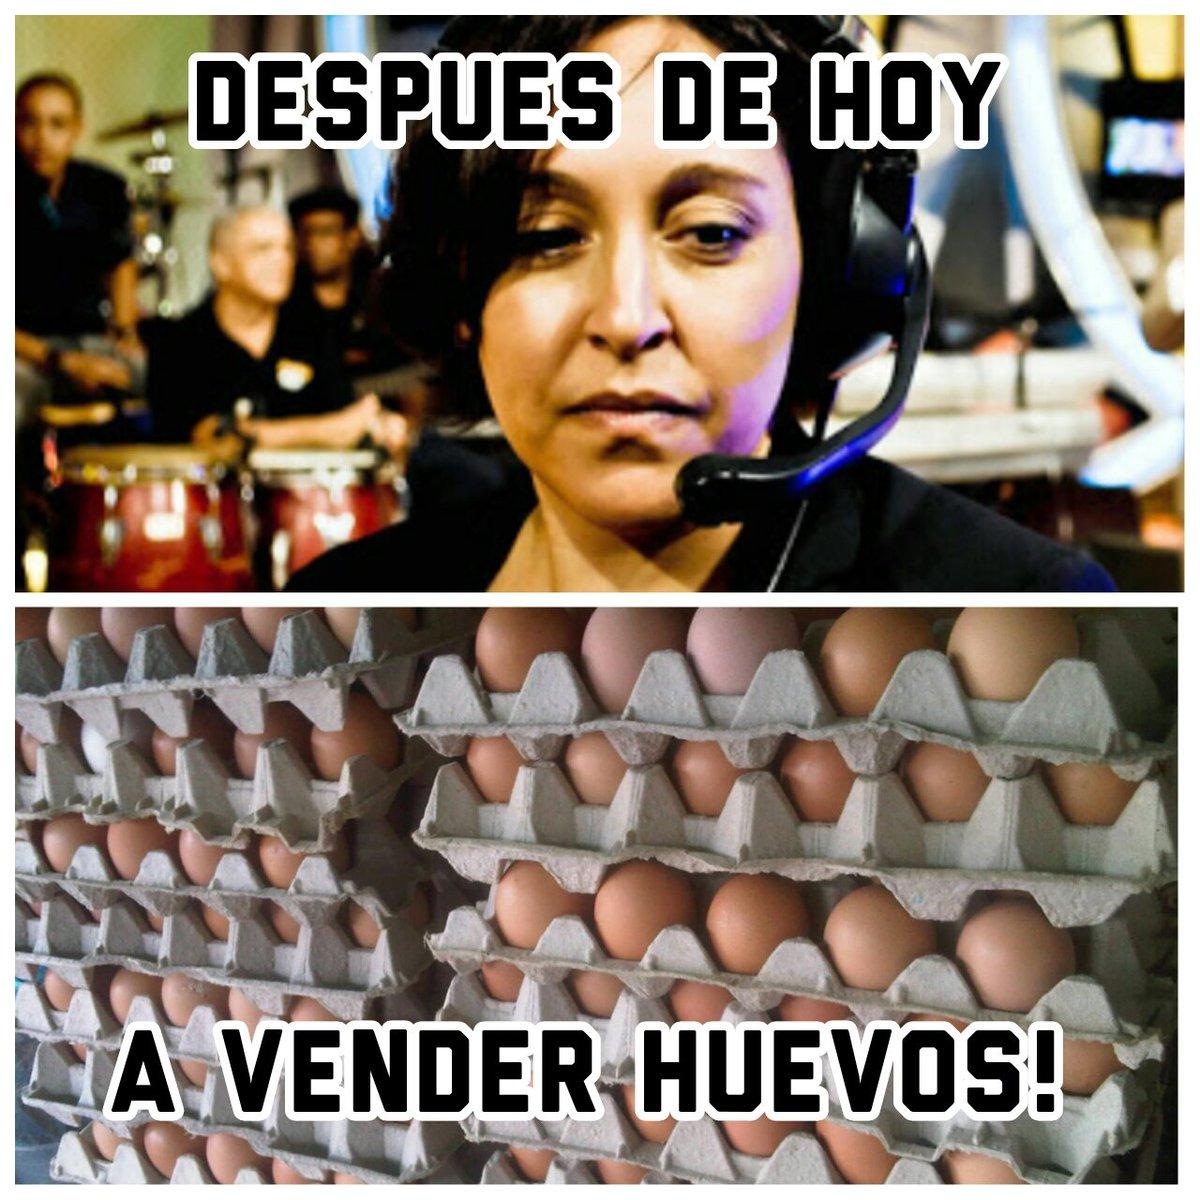 @radicaltotal @KennyValdezL tiene huevos para un puesto en el mercado! https://t.co/8rbMrDss0a